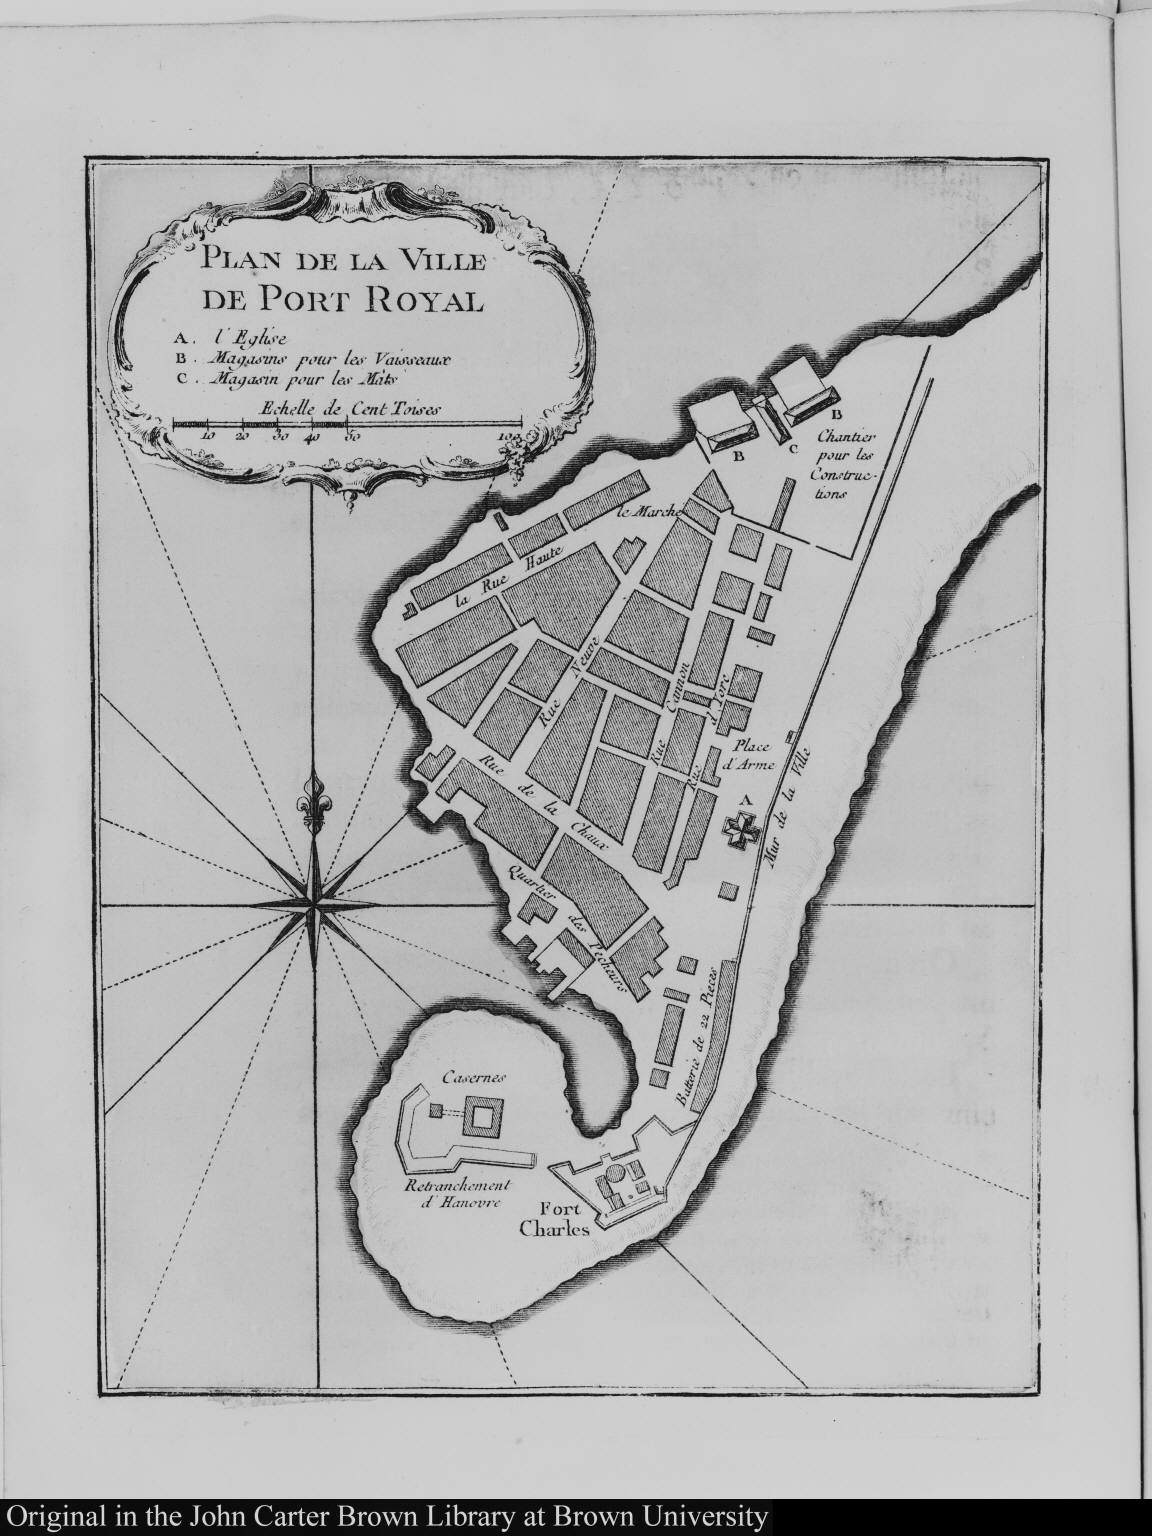 Plan de la Ville de Port Royal